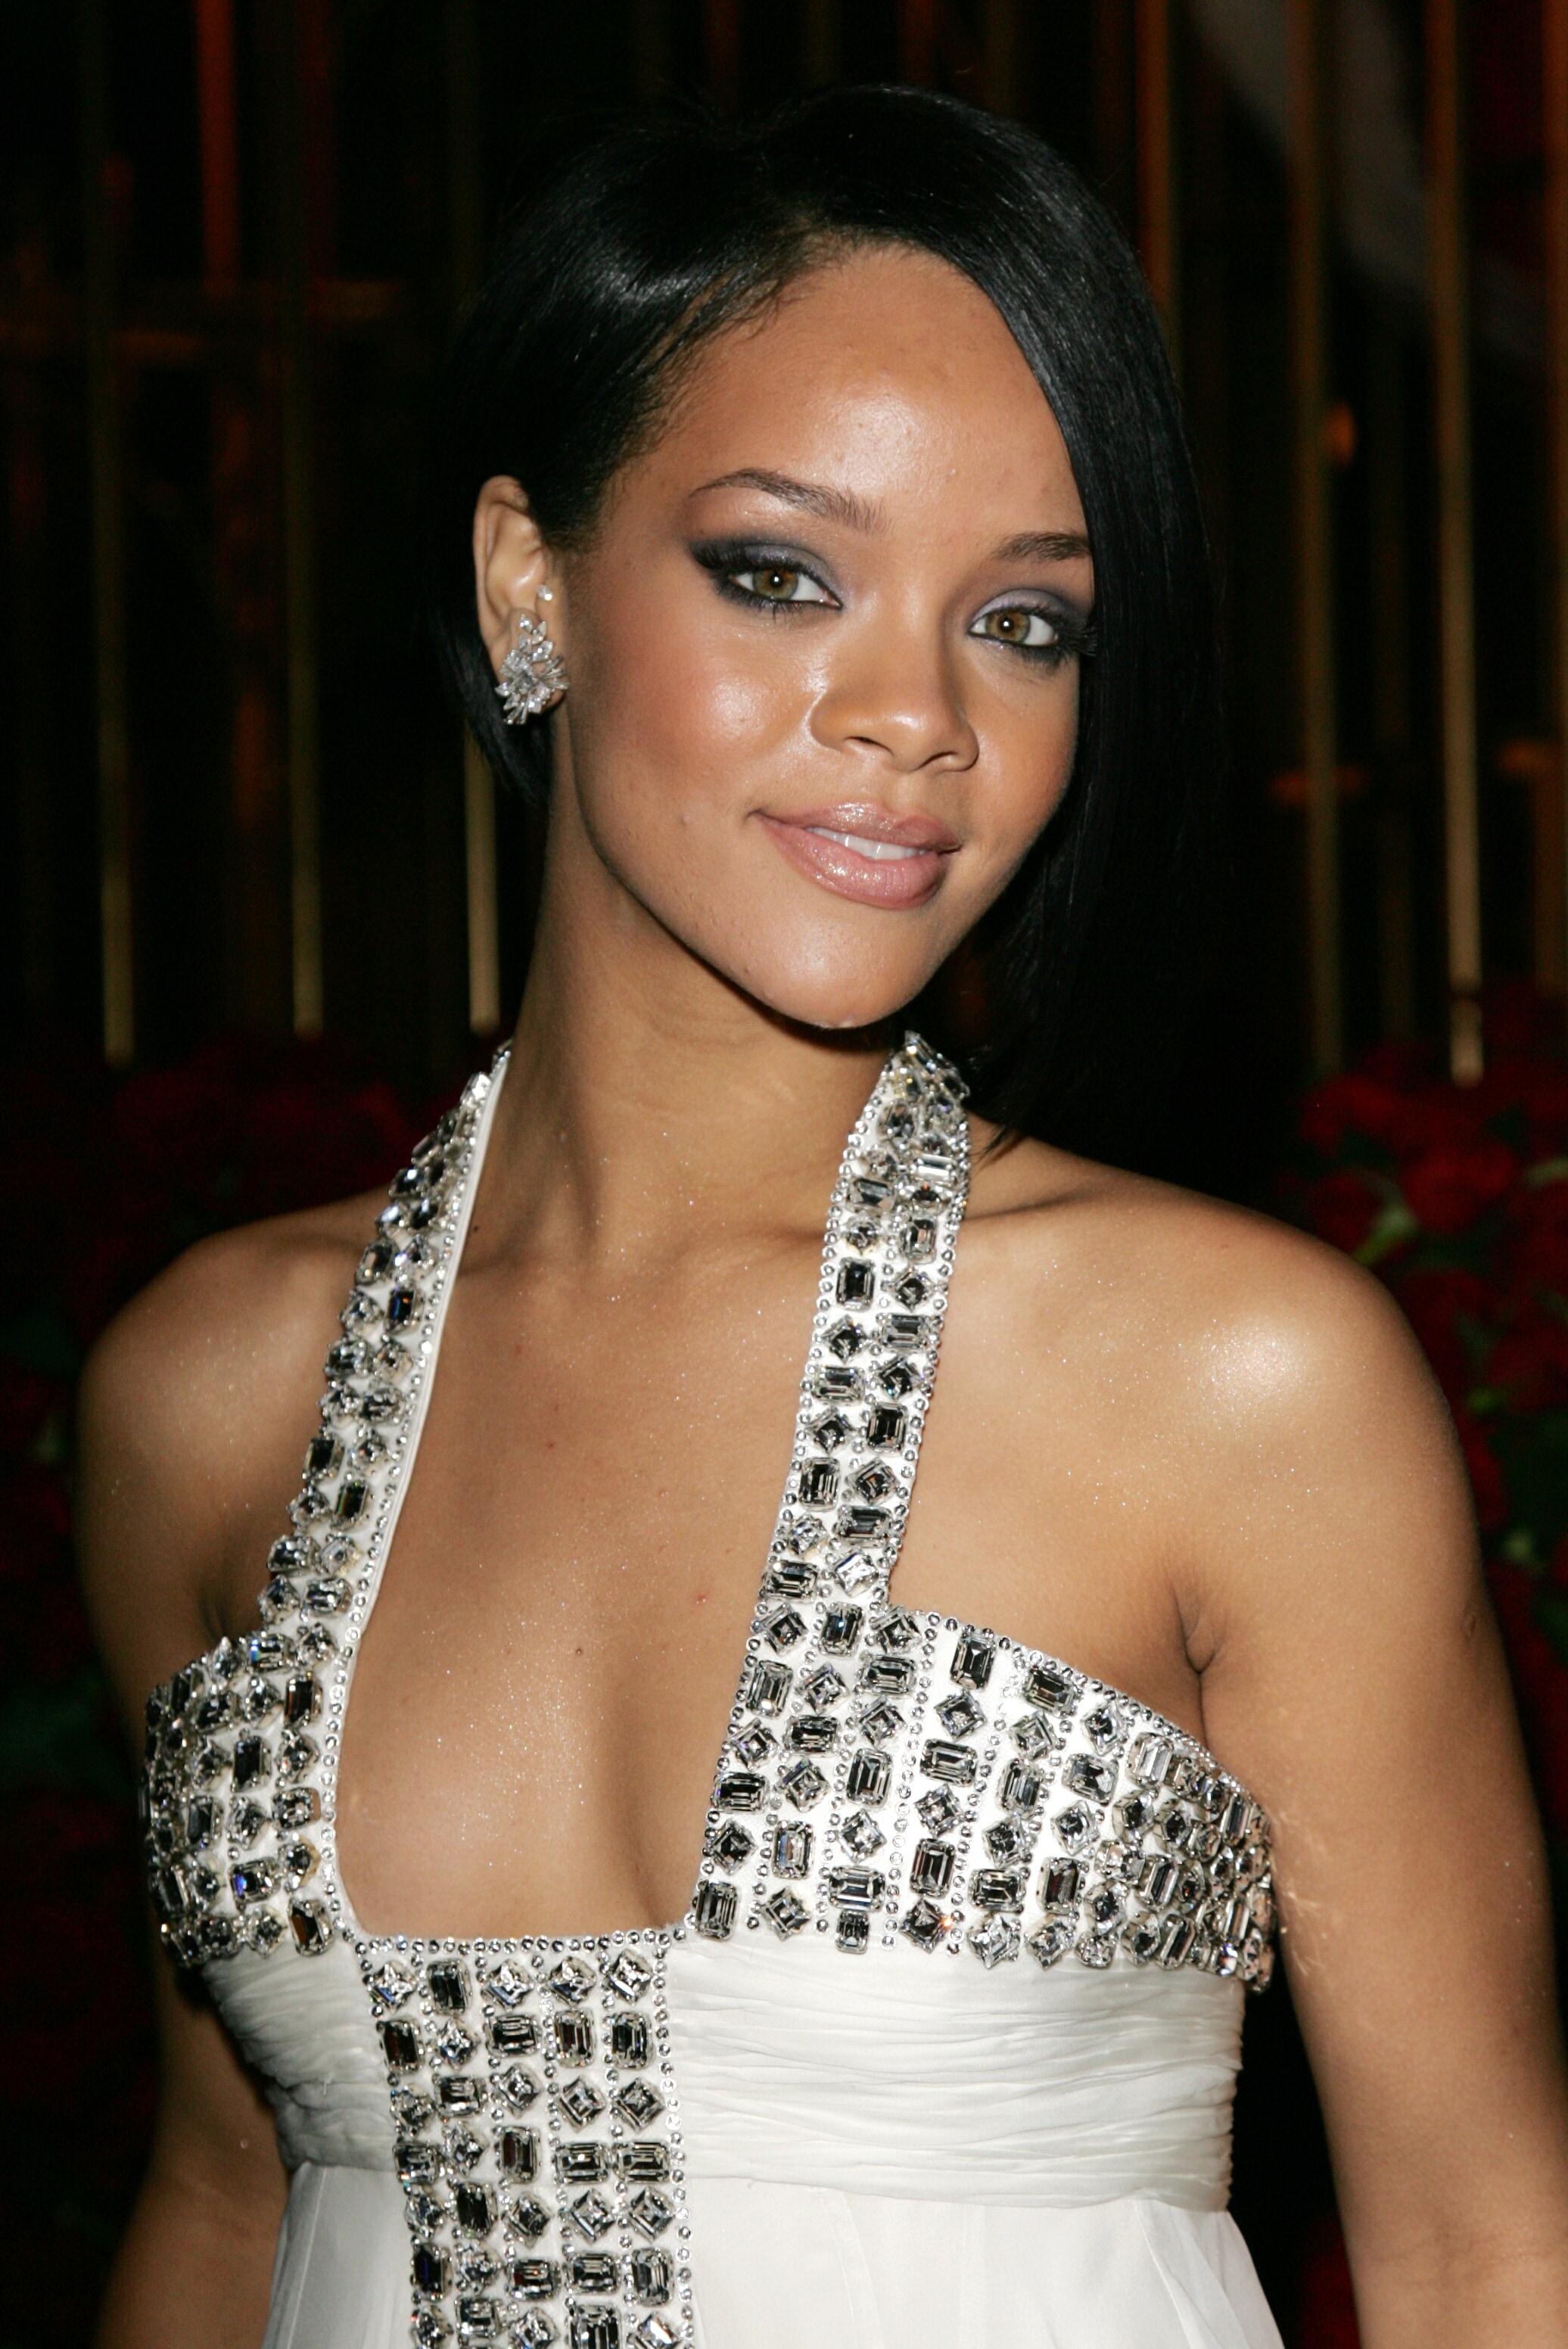 Villámedzés, sok-sok hal, néha sör - íme Rihanna engedékeny diétája!   appartmanhaus.hu